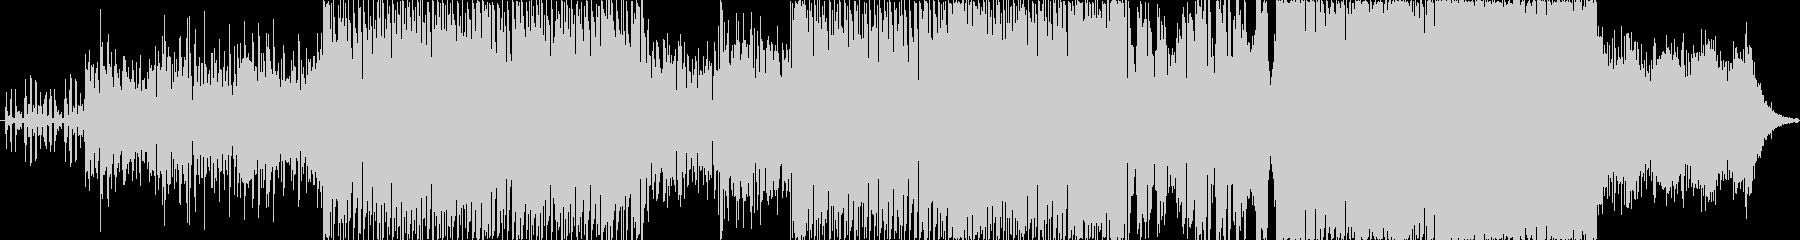 ハウスベースのEDM おしゃれな雰囲気の未再生の波形